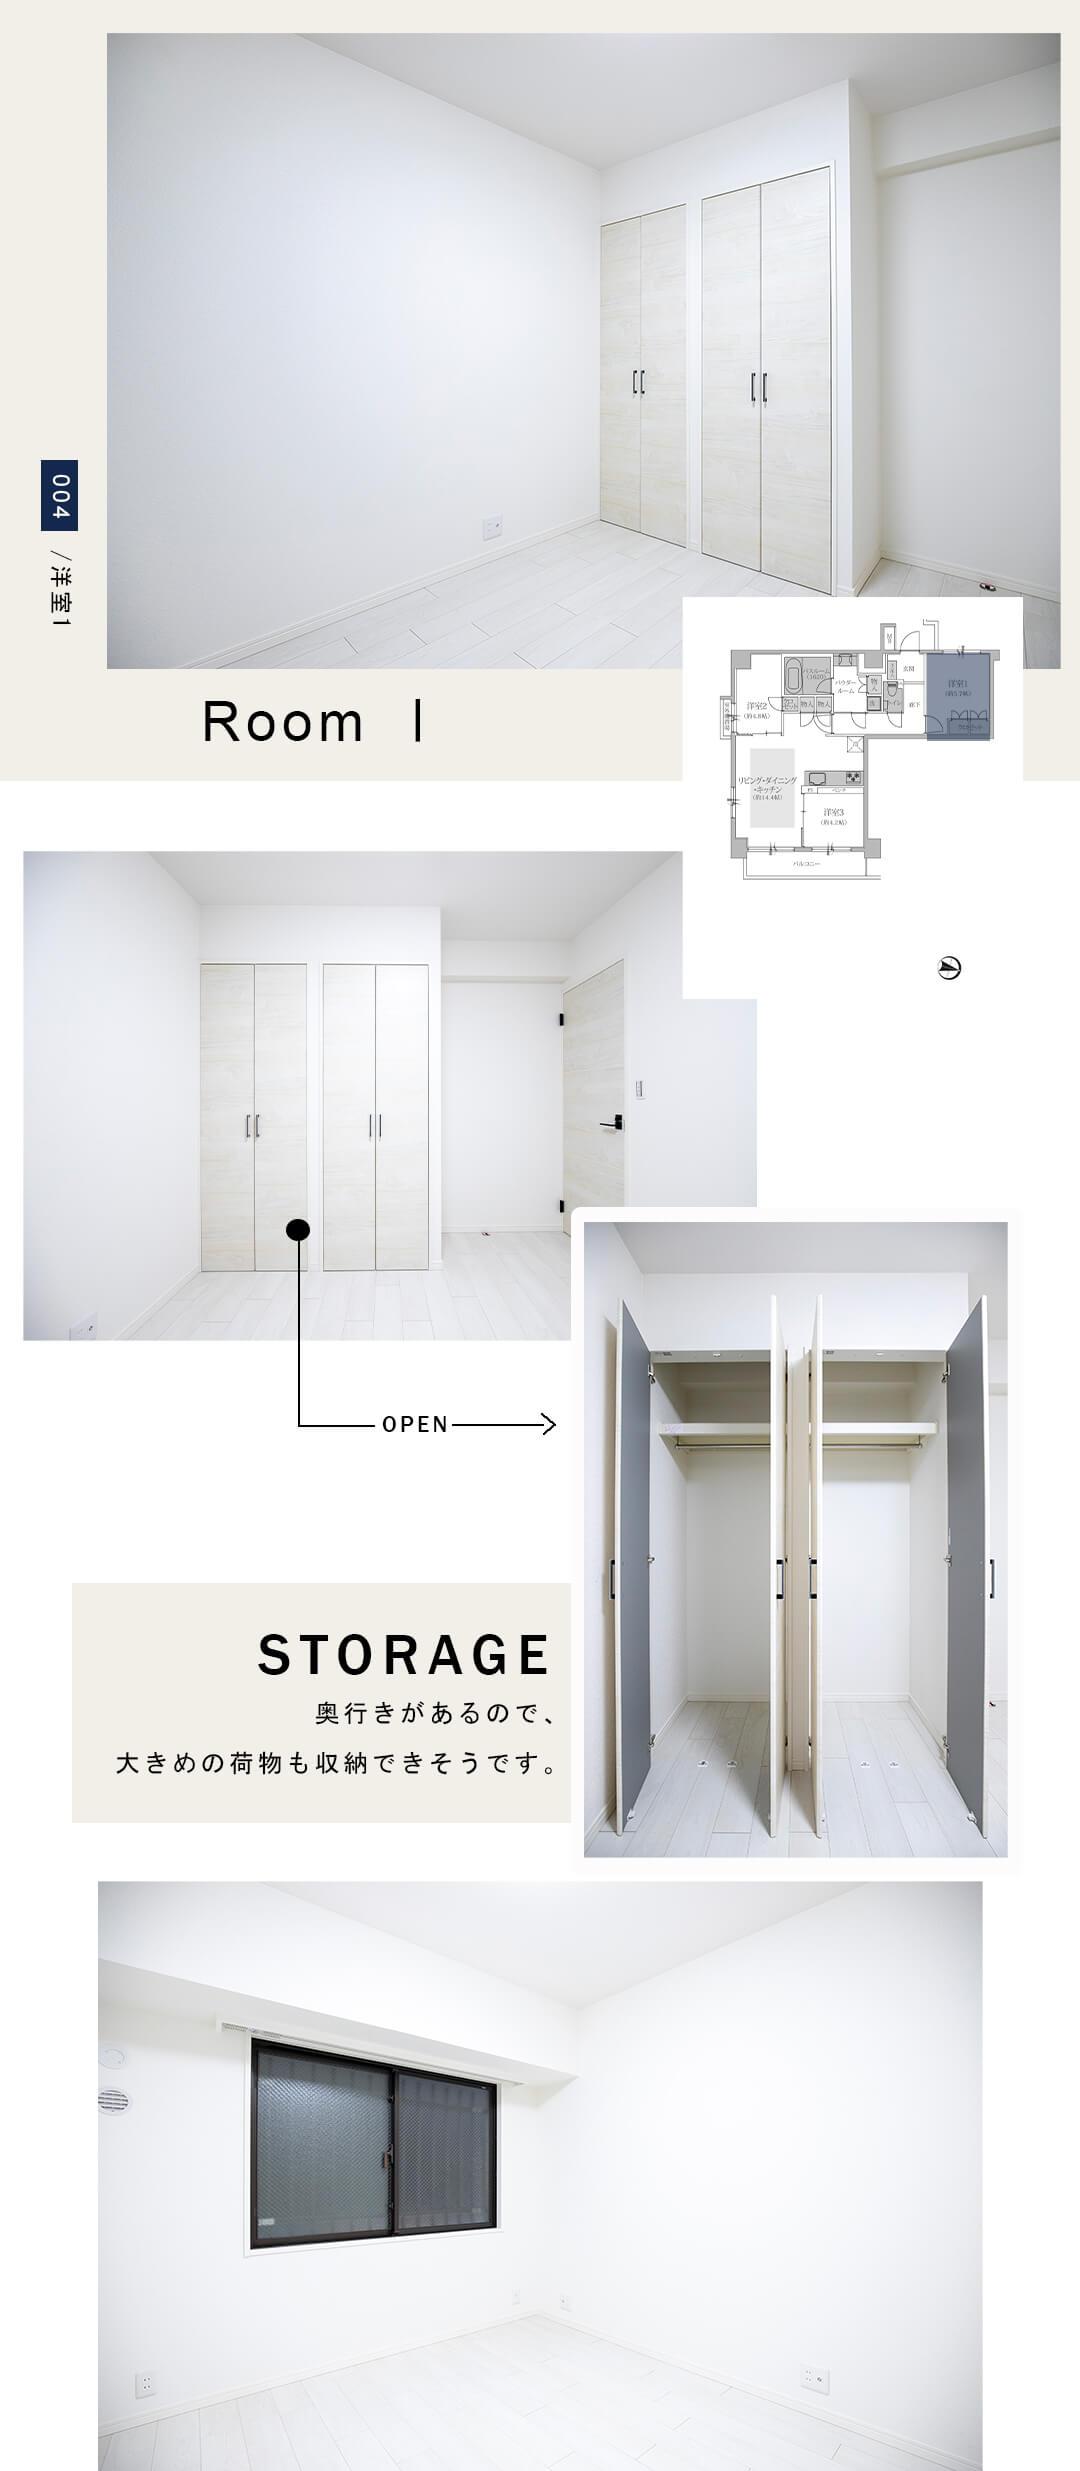 004洋室1,Room Ⅰ